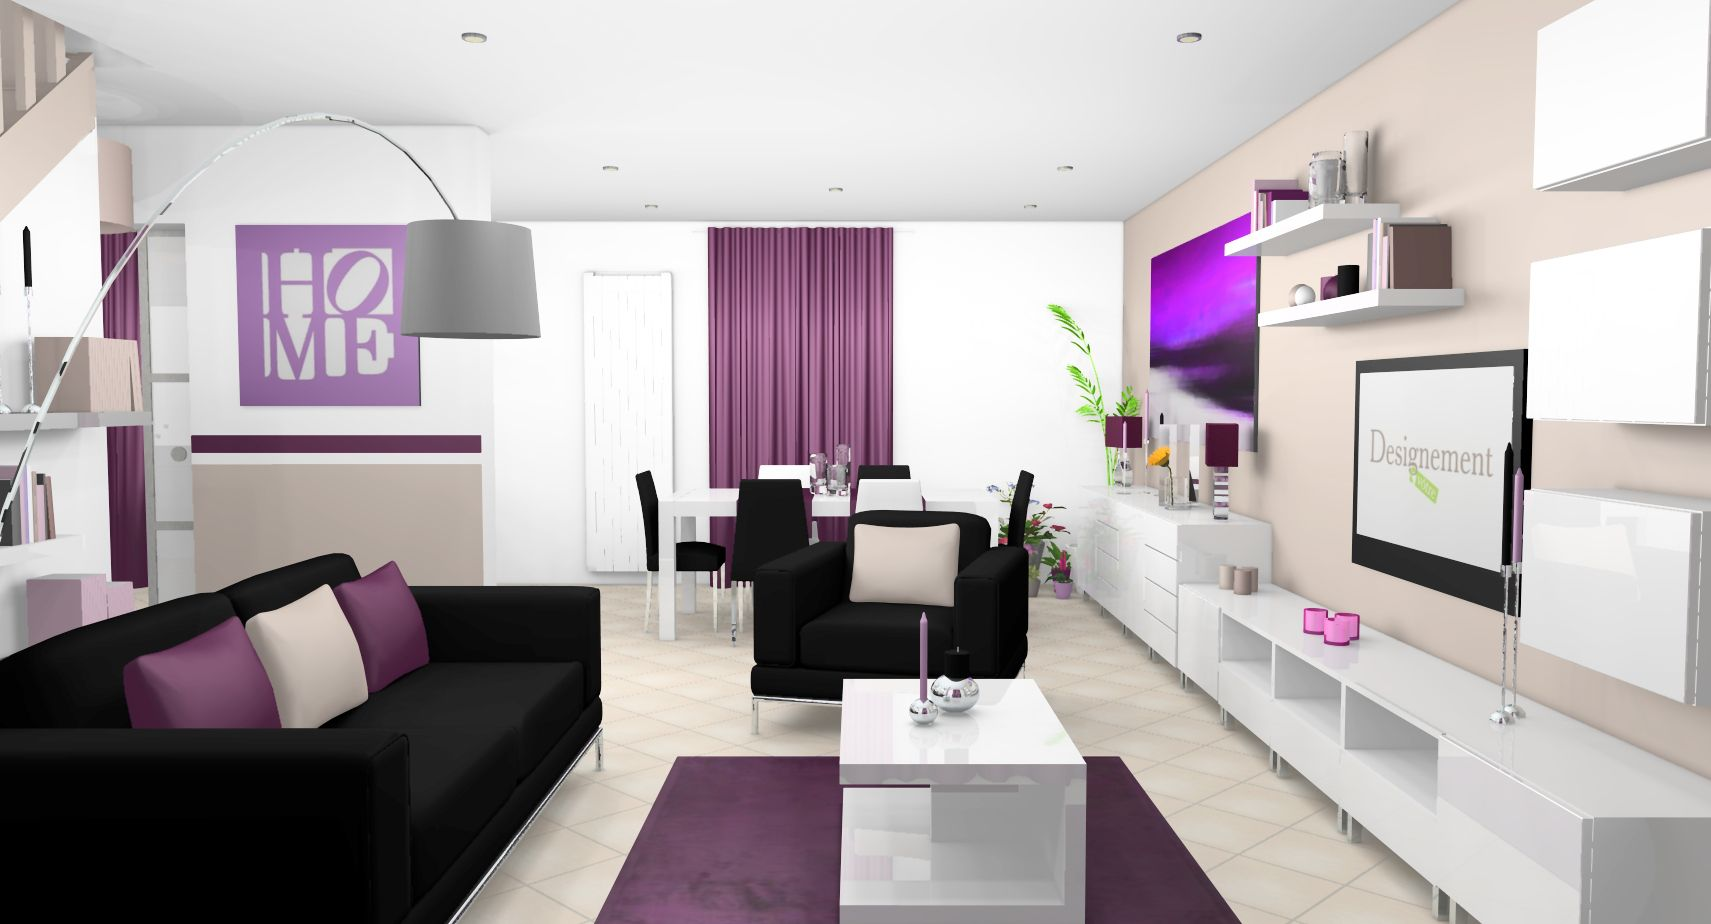 Déco intérieur Pourpre | Séjour salle à manger cuisine moderne blanc ...